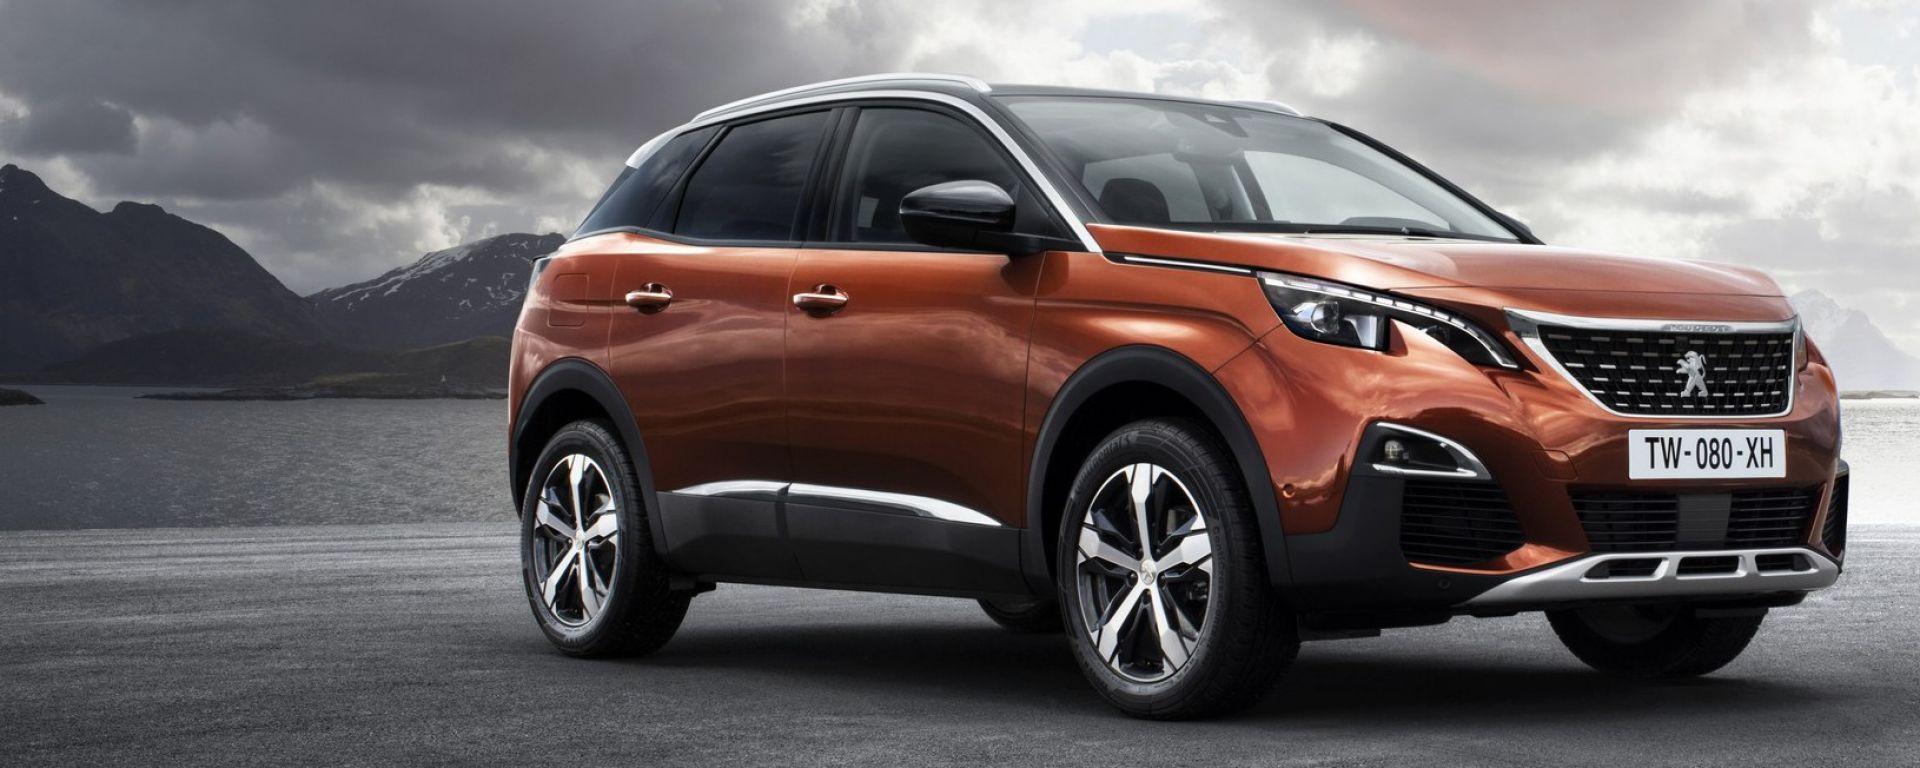 Nuova Peugeot 3008: ora ha un look più da suv